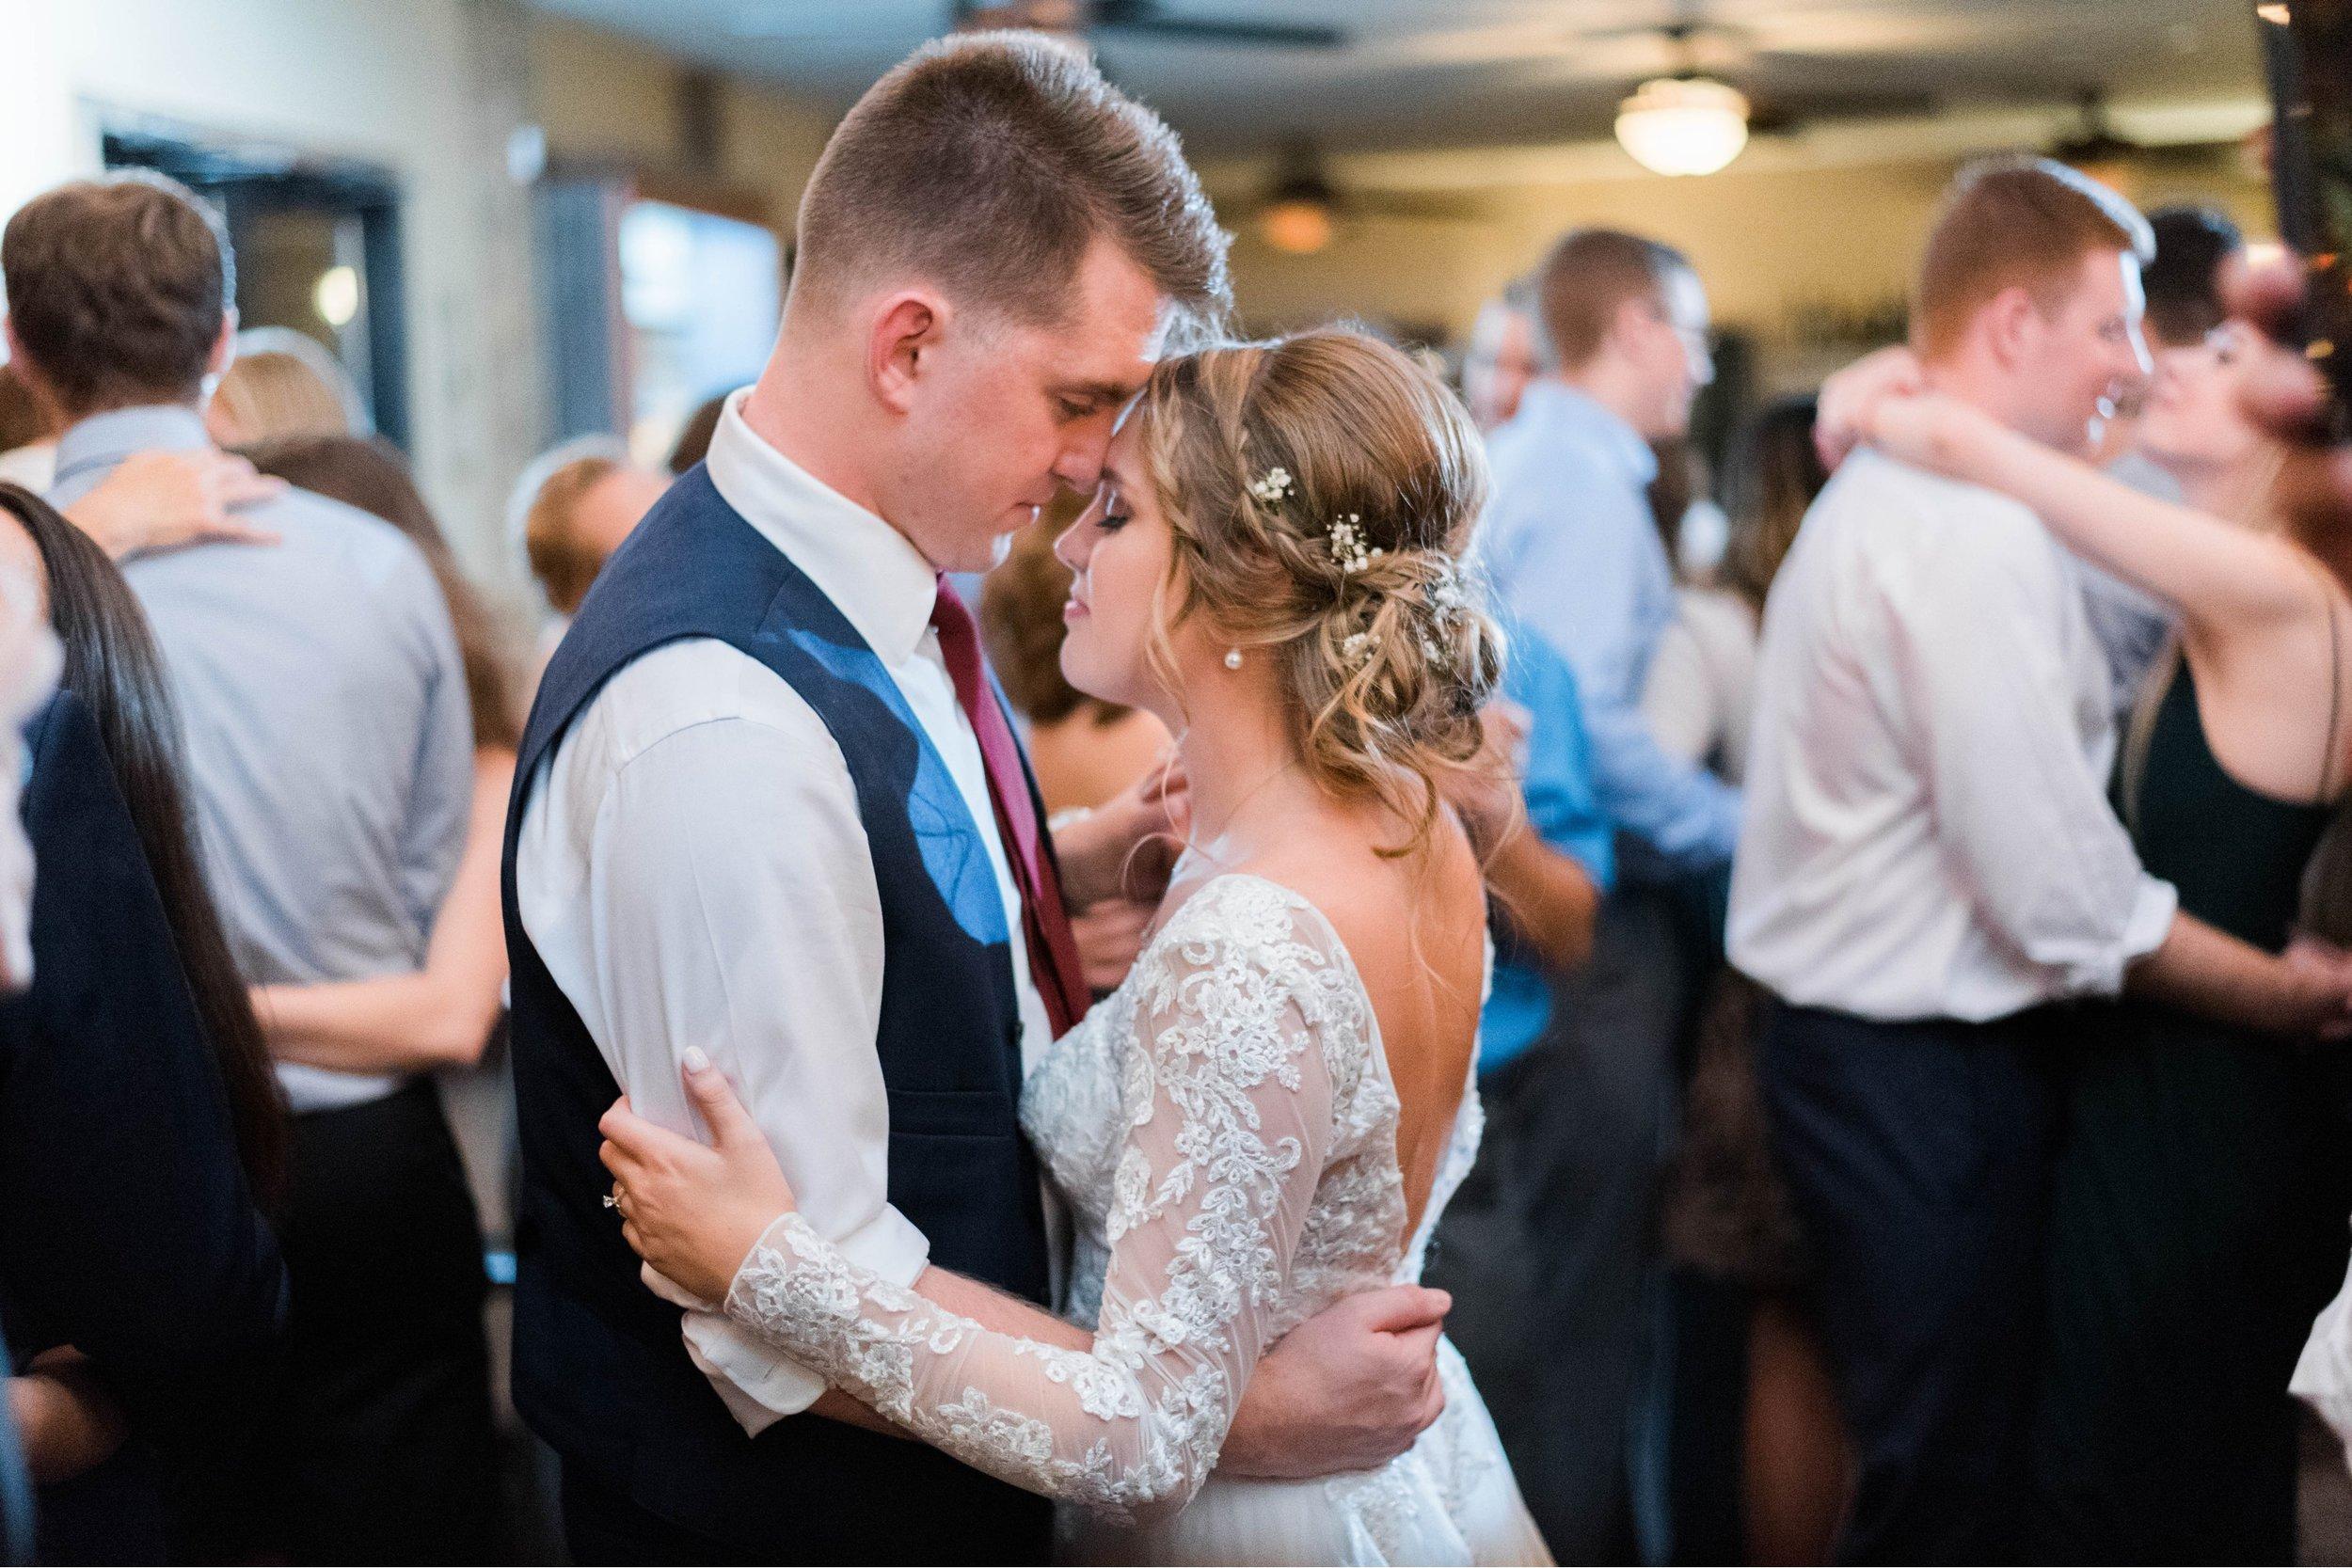 GrantElizabeth_wineryatbullrun_DCwedding_Virginiaweddingphotographer 6.jpg